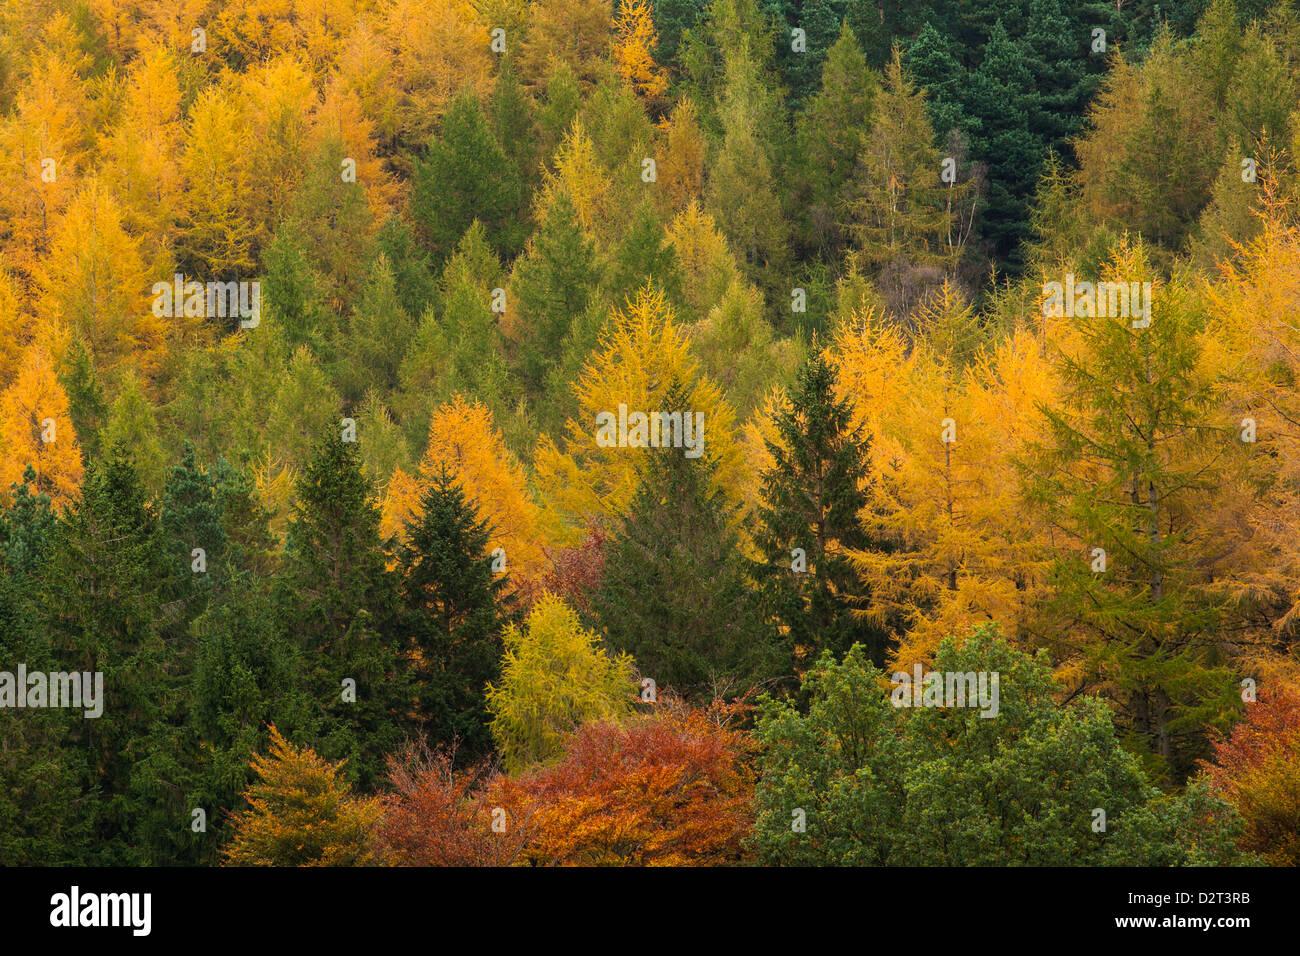 Variedad de colores del árbol de coníferas en otoño, el Parque Nacional del Distrito de Los Lagos, Cumbria, Inglaterra, Foto de stock